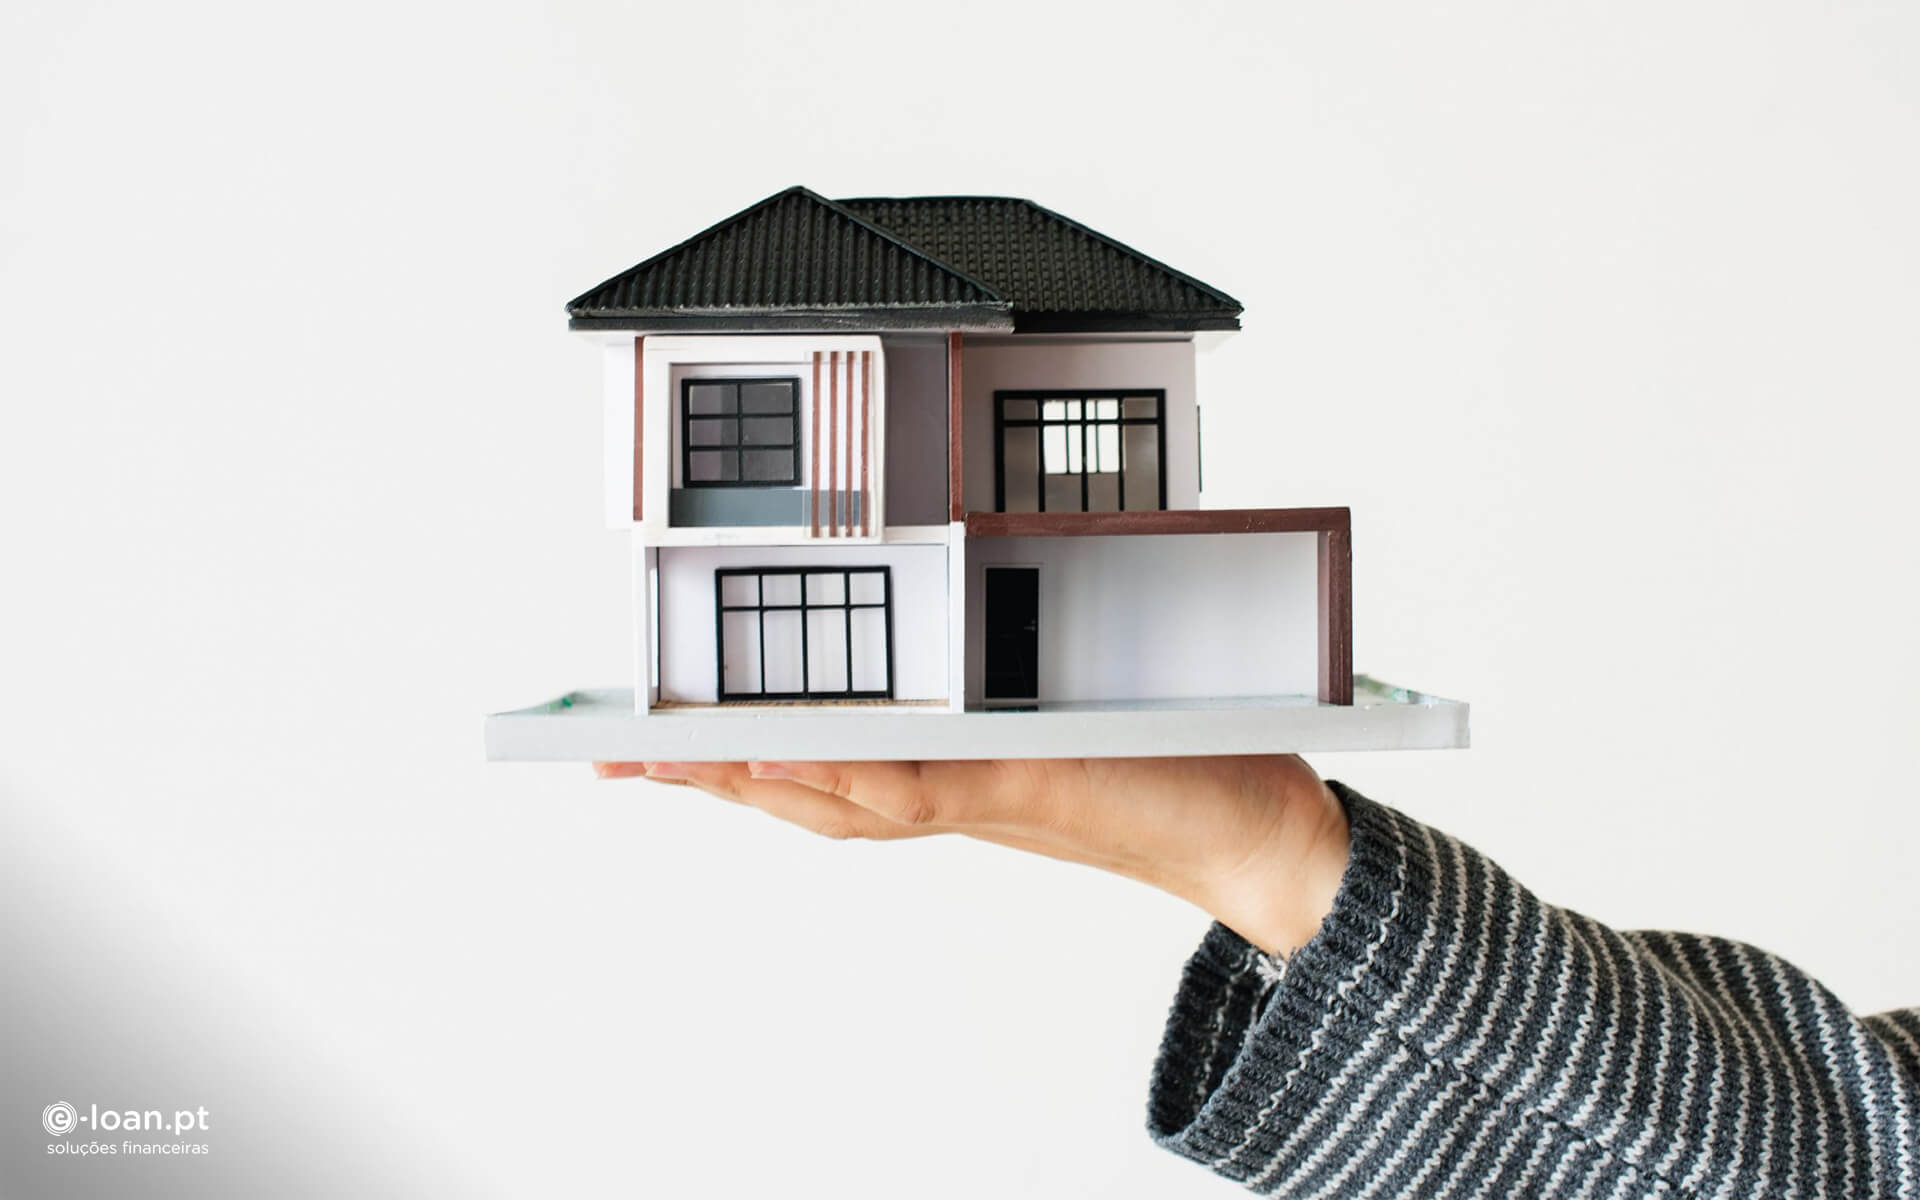 e-loan-solucoes-financeiras-credito-consolidado-hipoteca